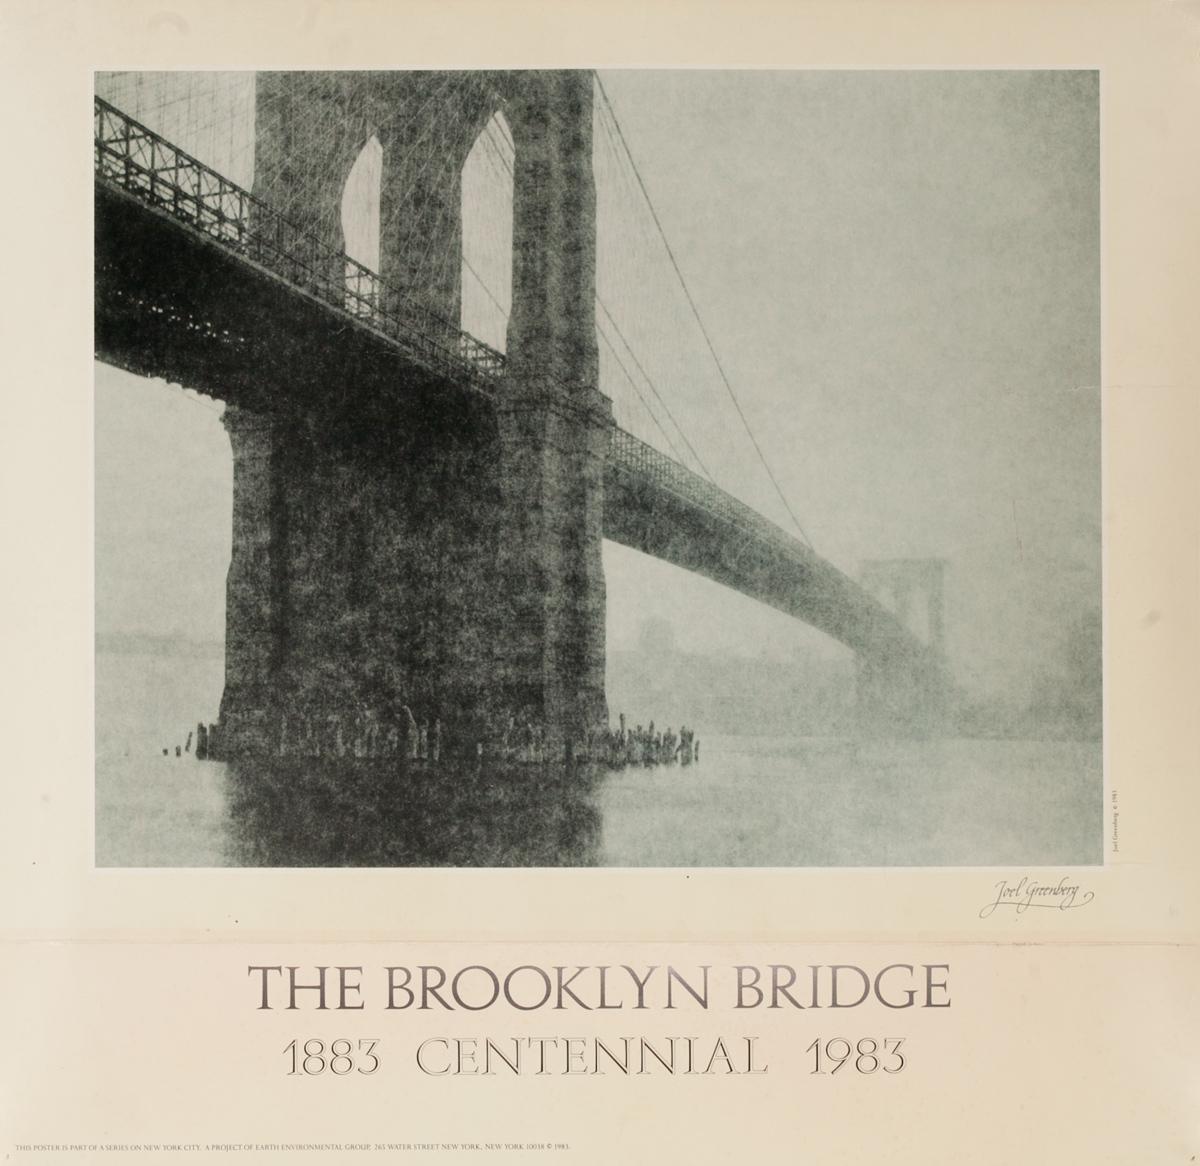 1883 1993 Brooklyn Bridge Centennial Poster